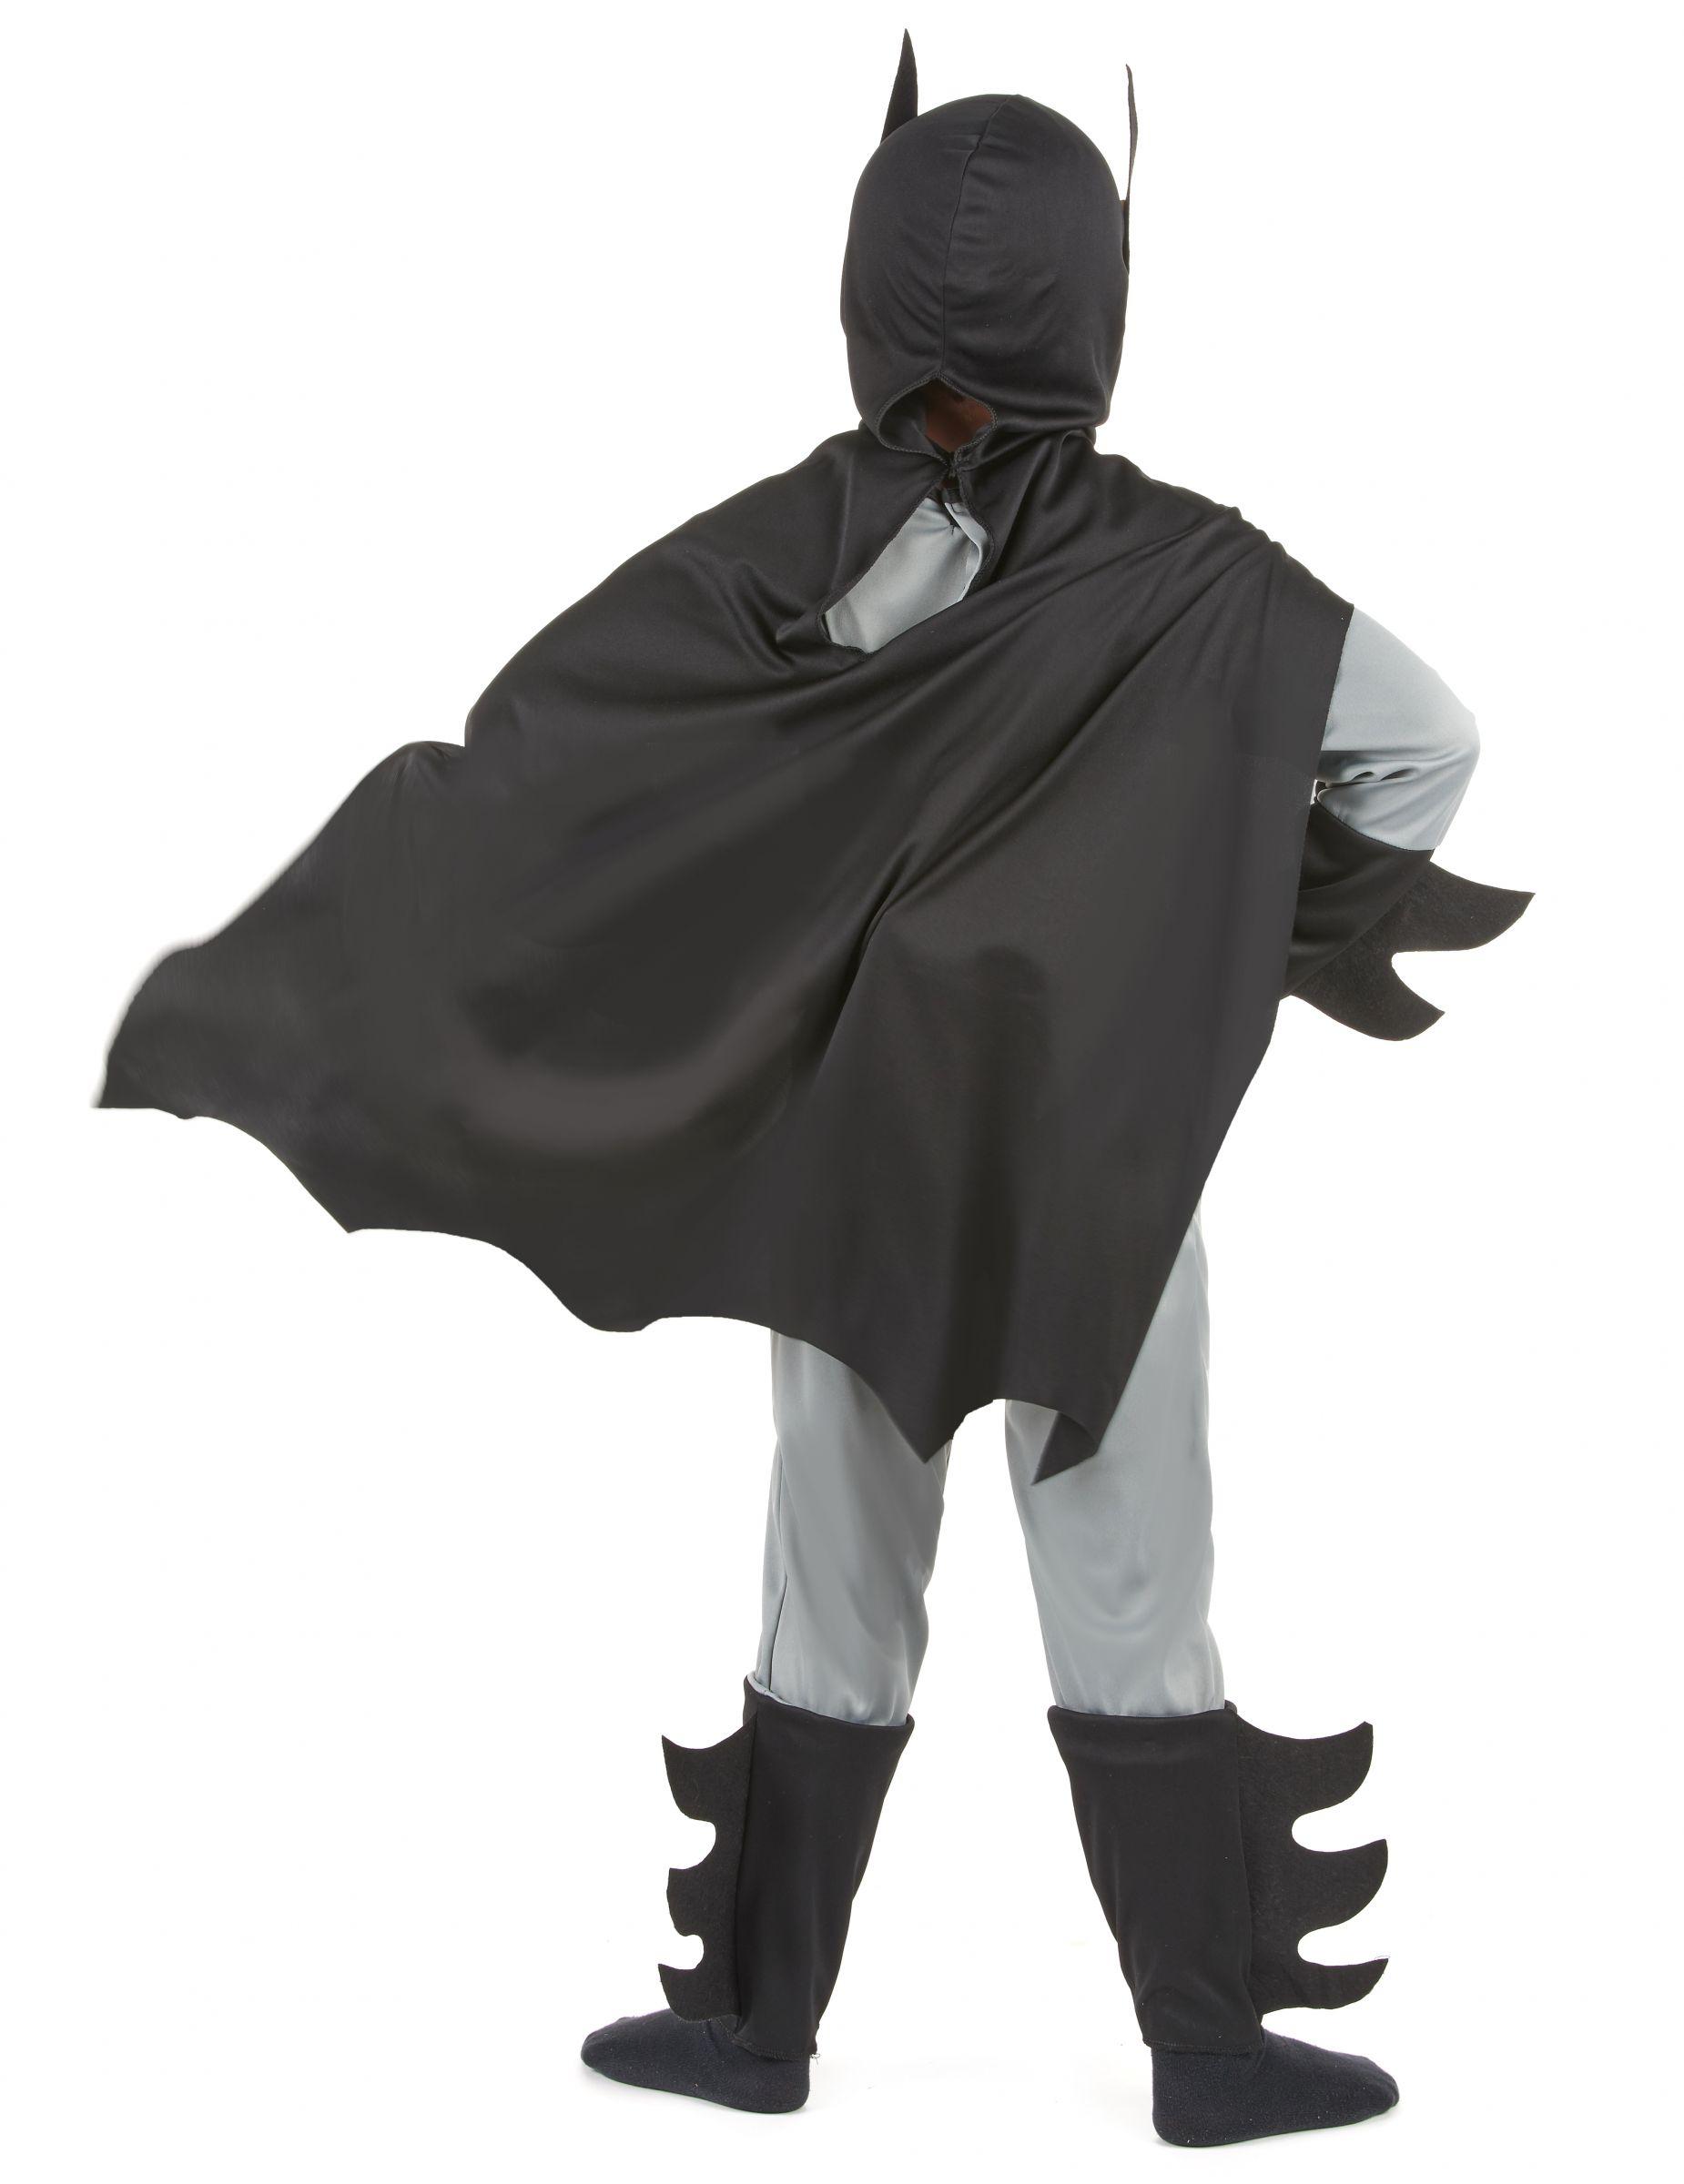 superhelden kost m fledermaus f r kinder schwarz grau kost me f r kinder und g nstige. Black Bedroom Furniture Sets. Home Design Ideas